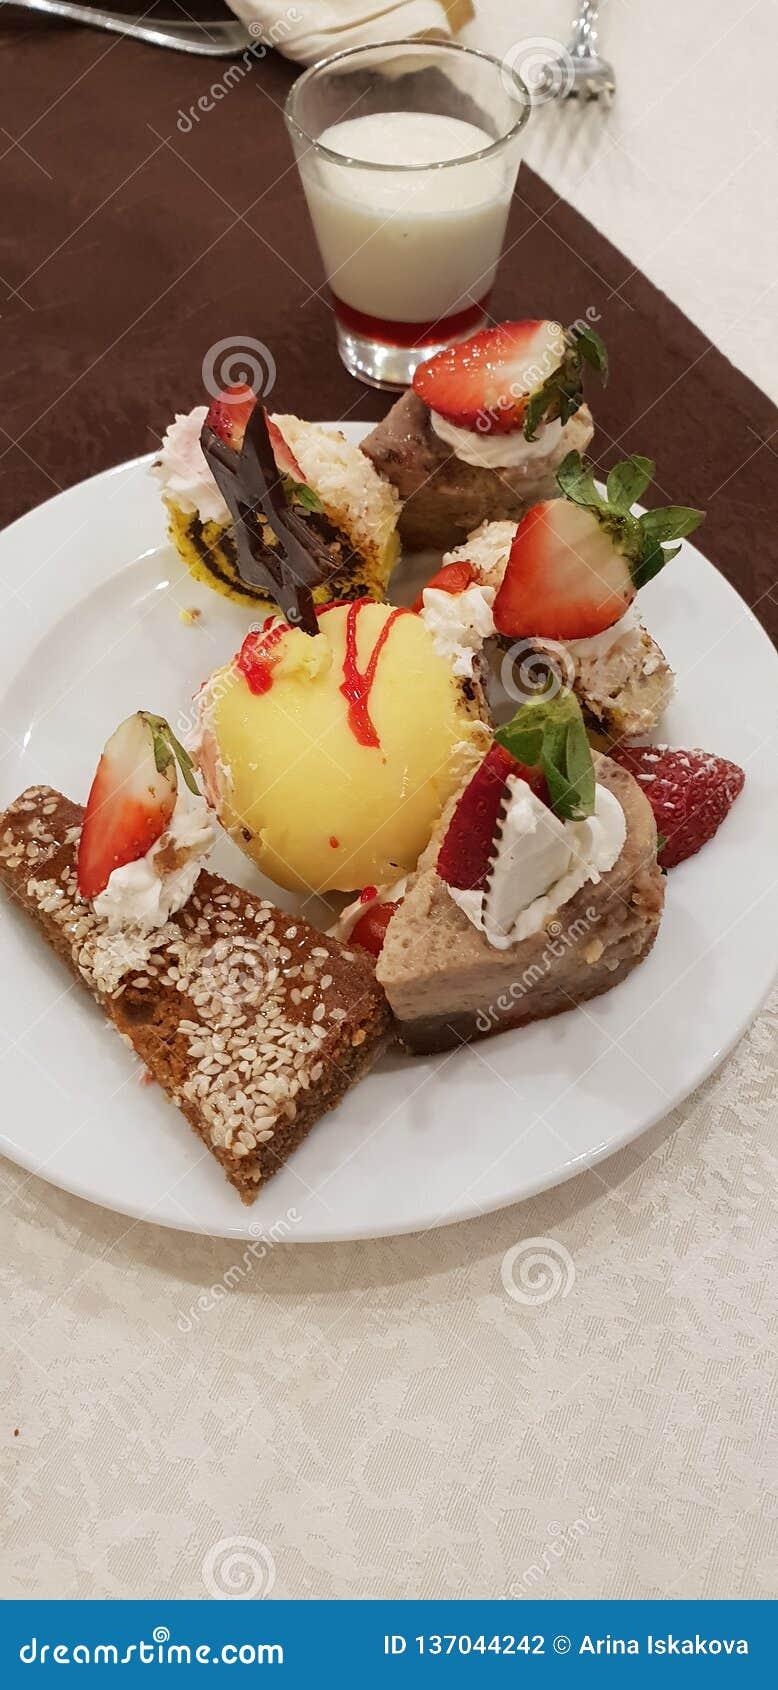 Platte mit Muffins und Kuchen